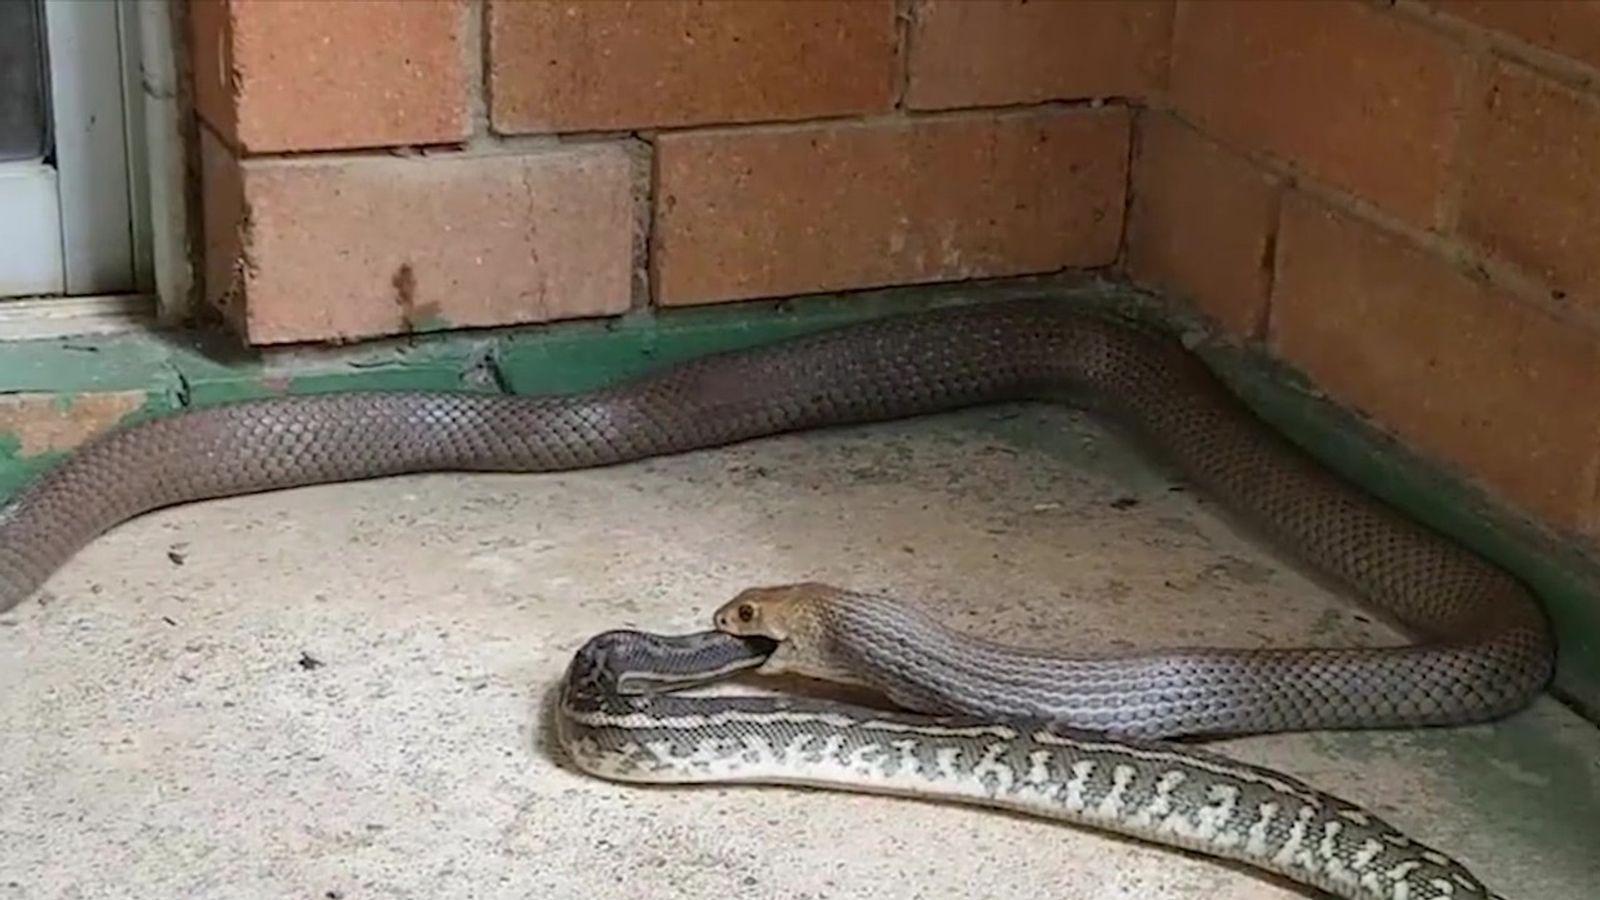 Cobra come outra cobra em vídeo surpreendente